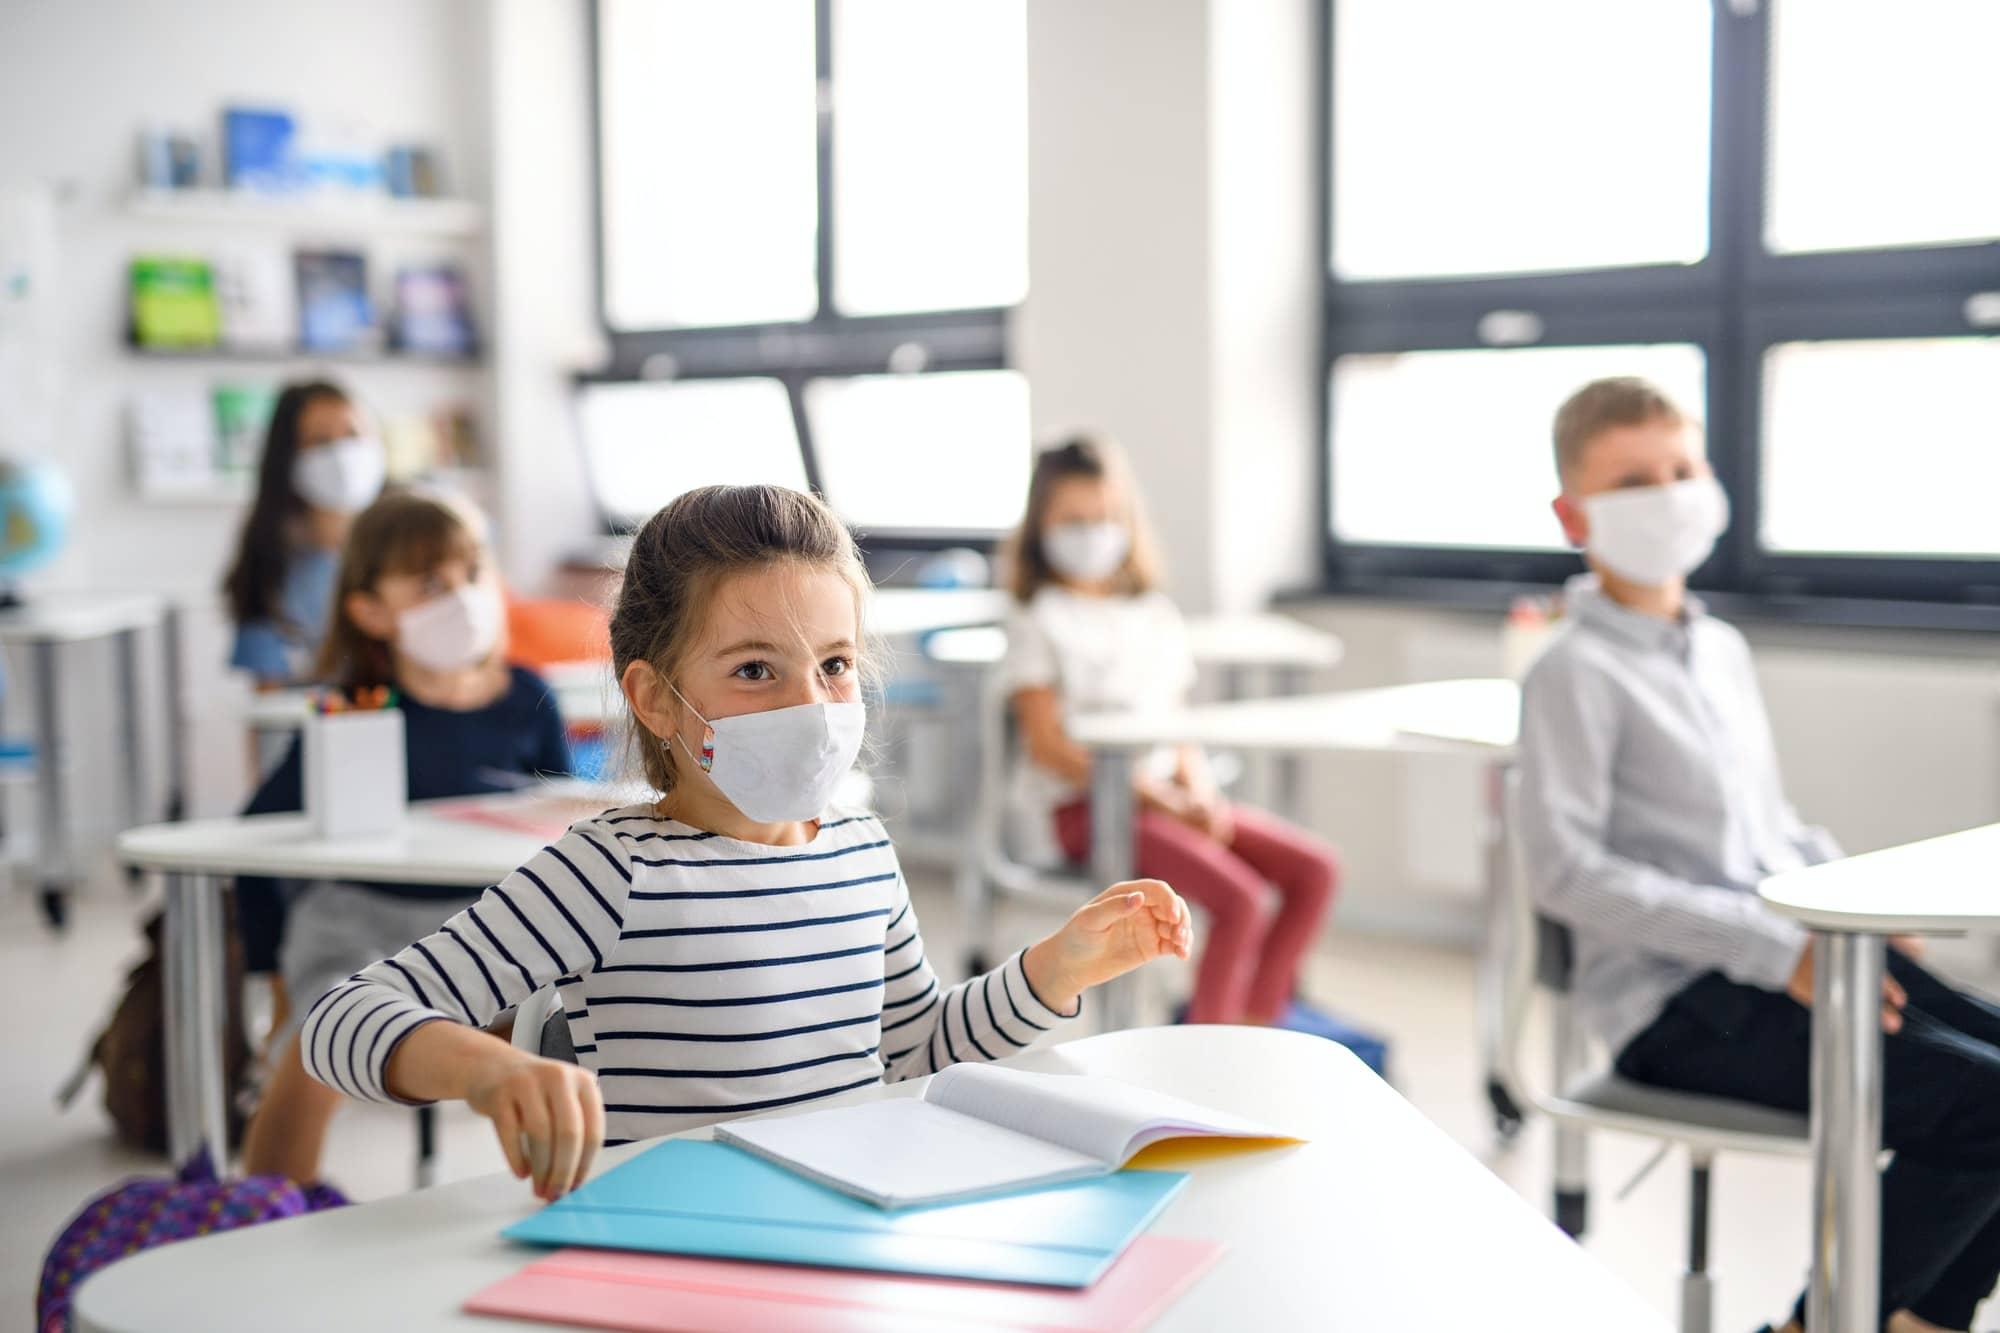 Ilyen járványügyi protokoll mellett indul a tanév